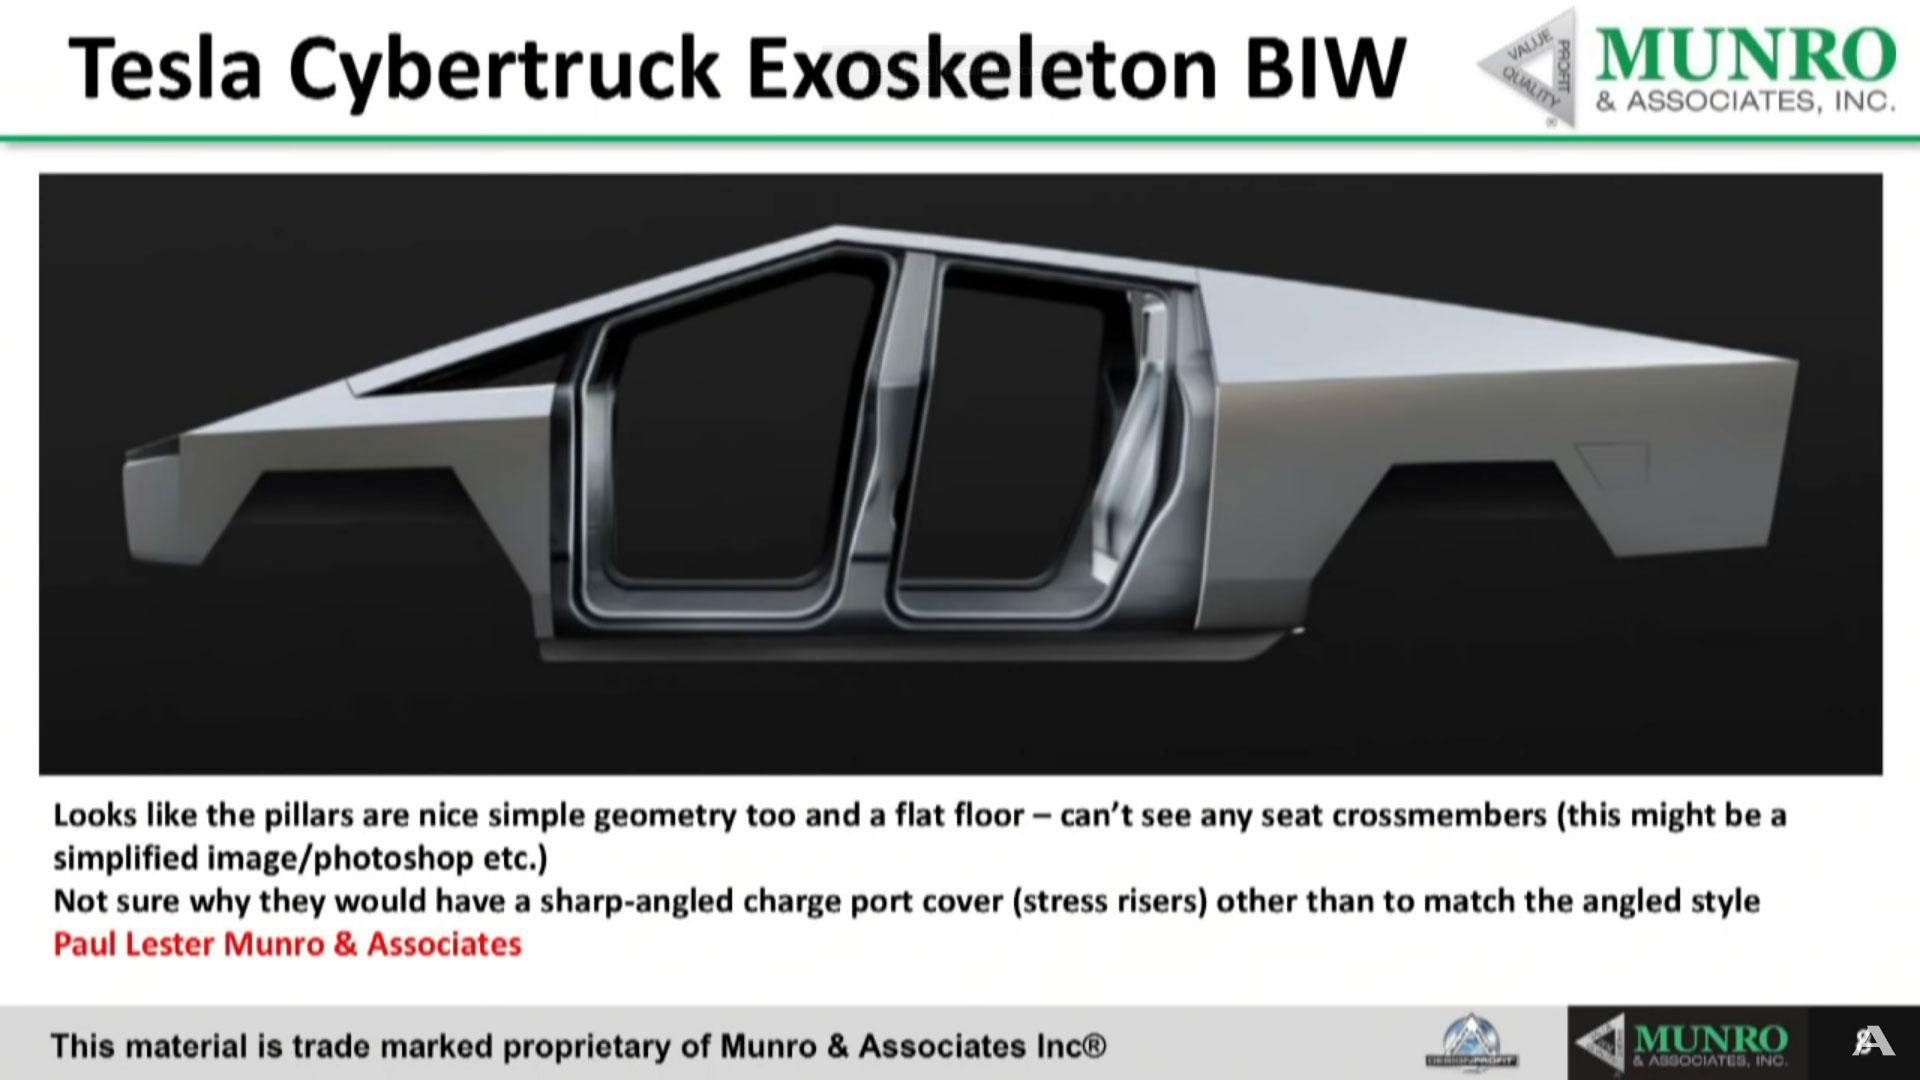 Tesla Cybertruck Exoskeleton (unibody) body-in-white (BIW).